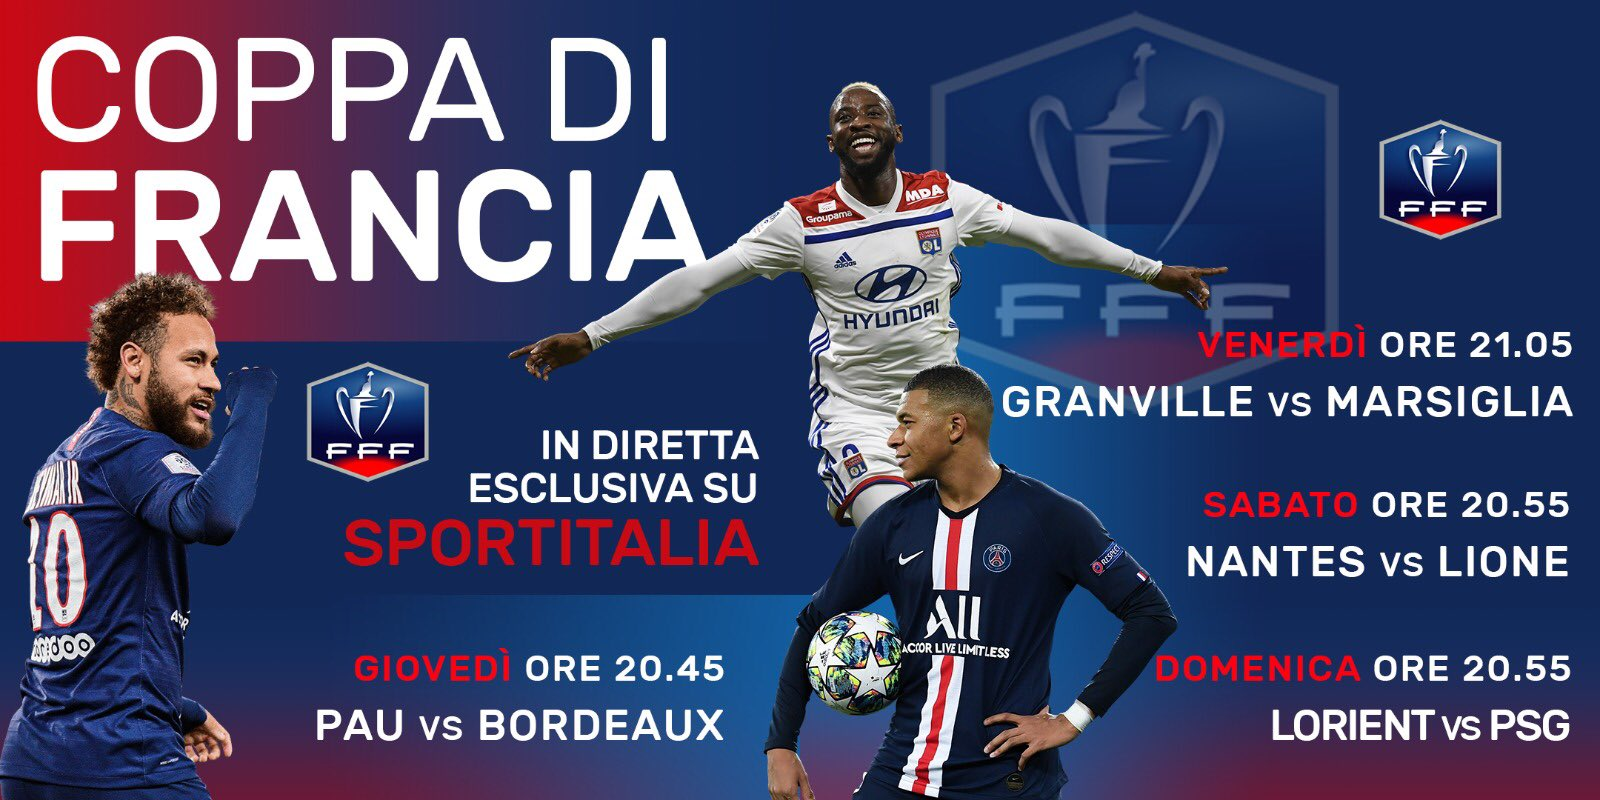 Sportitalia, 16esimi Coppa di Francia - Palinsesto e Telecronisti